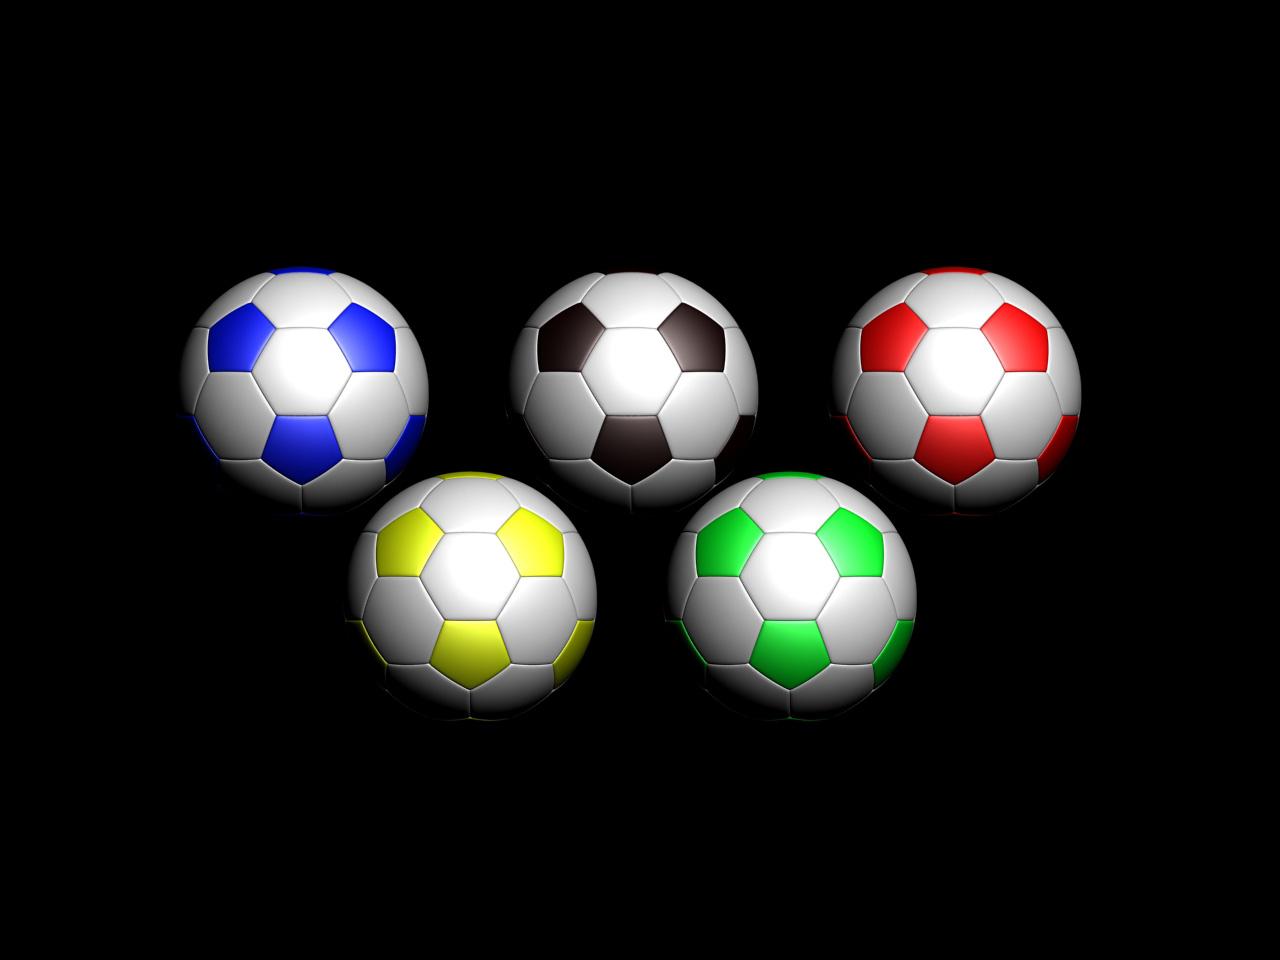 футбол, обои для рабчоего стола, фото